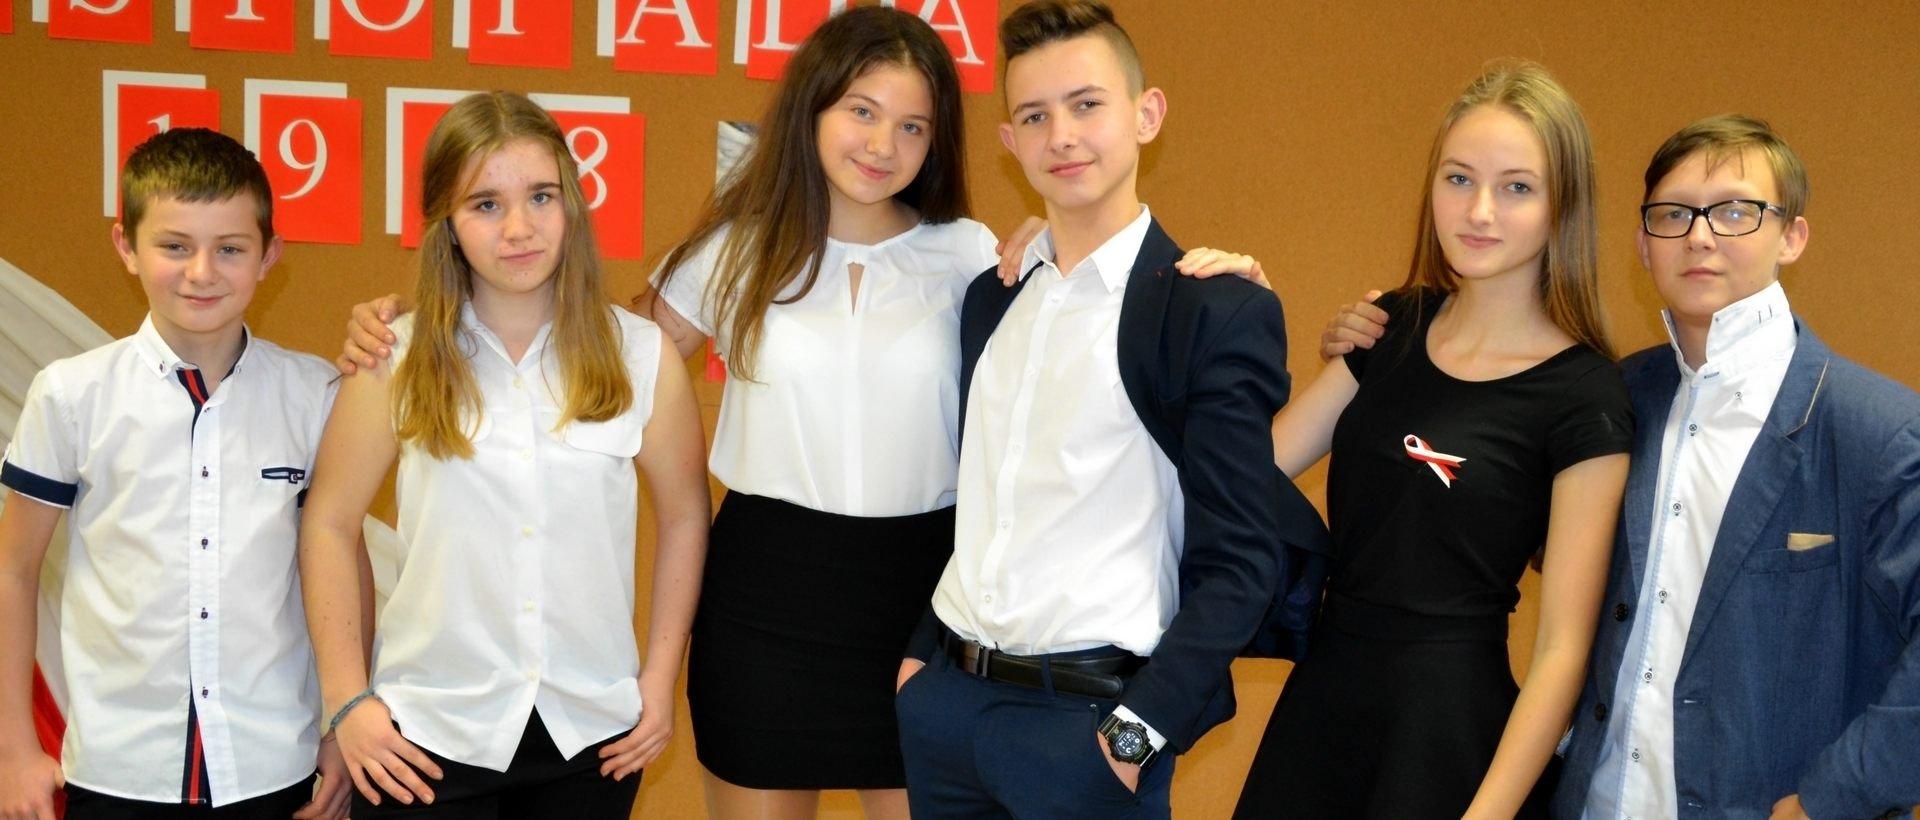 Razem możemy więcej - kompleksowy program wspomagający uczniów i szkoły w Gminie Kłodawa